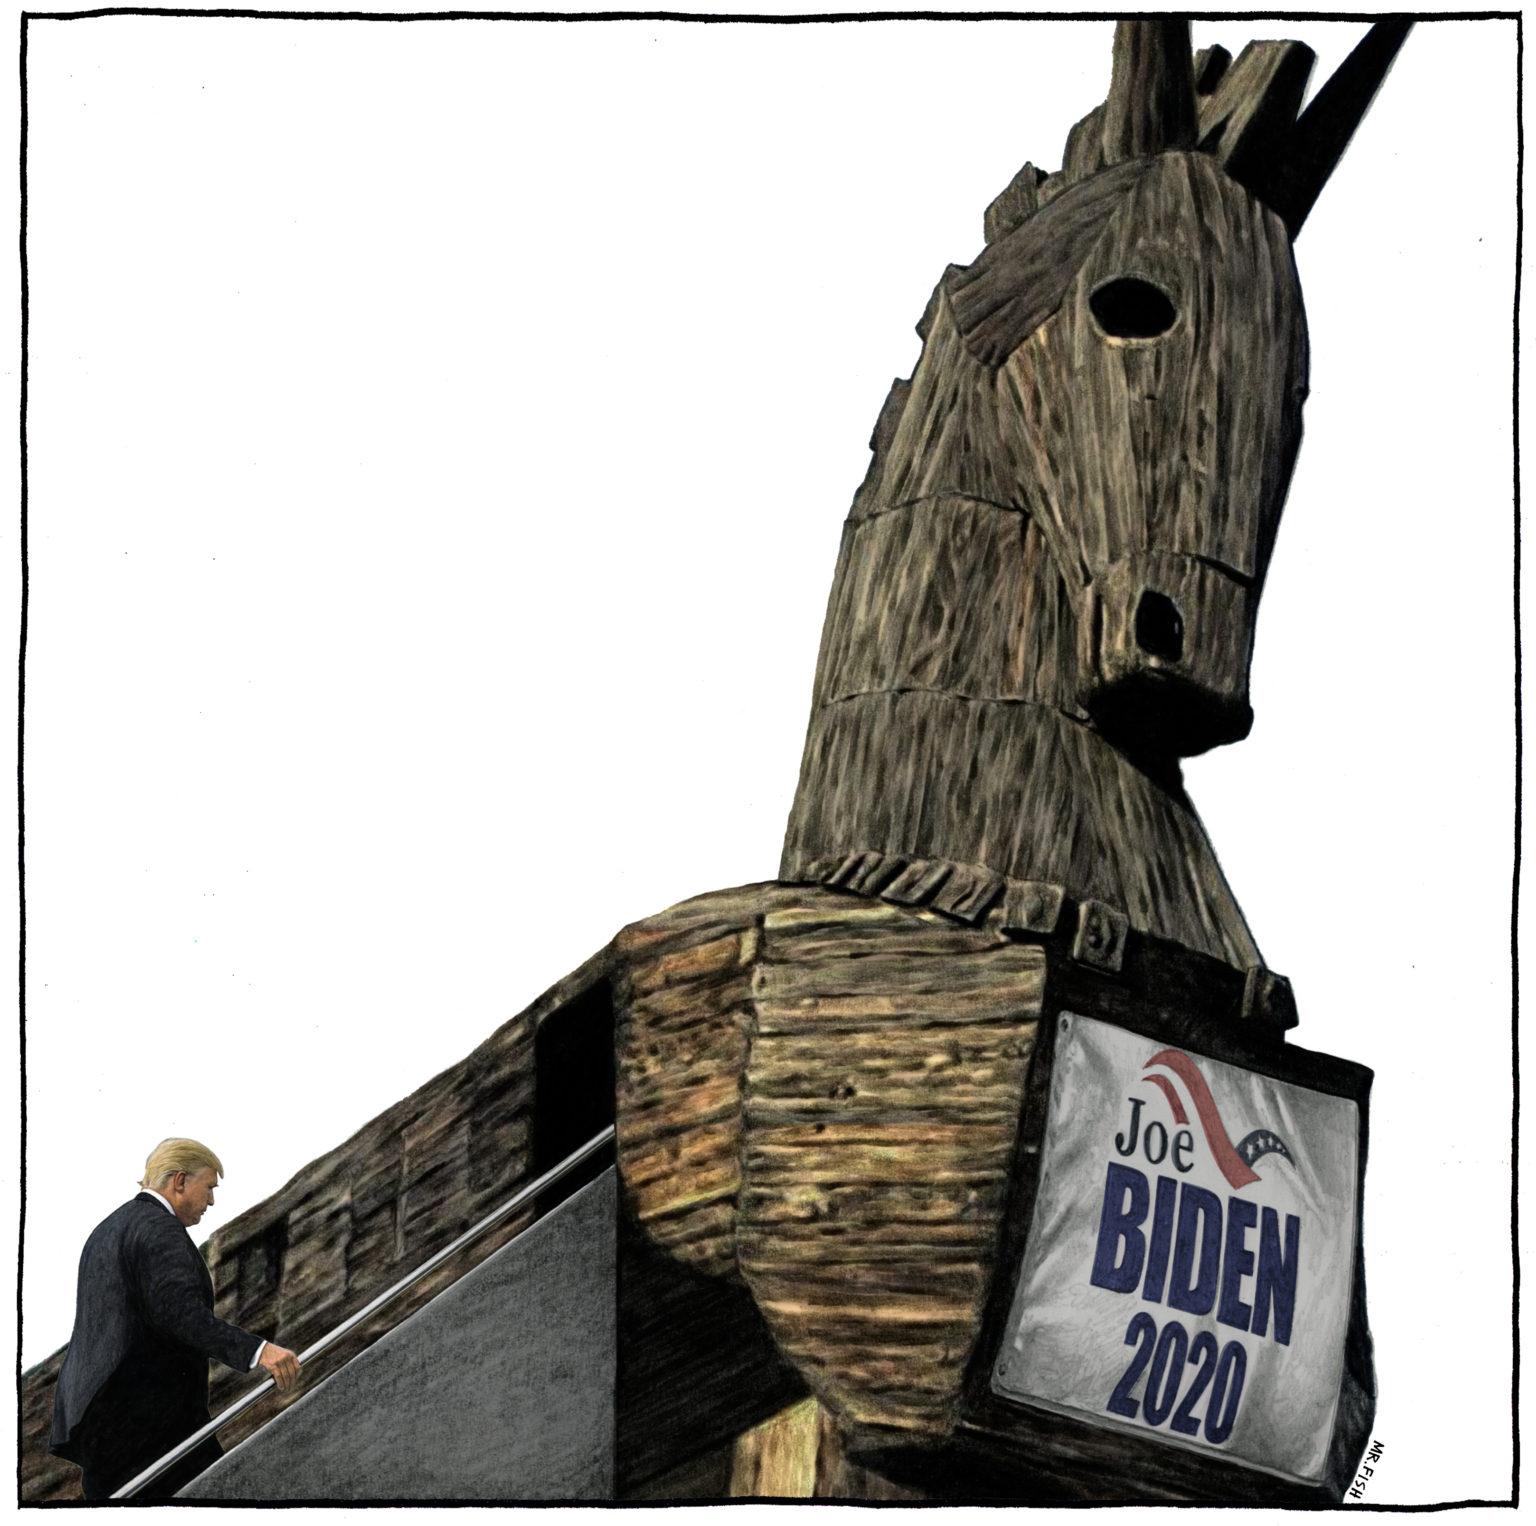 Un simulacre d'élection. Un véritable cirque entre Biden et Trump. Sanders a tenté de jouer le jeu des Démocrates et ces derniers l'ont crucifié une fois de plus. Trump ou Biden, les américains voteront pour un oligarque à 100 %. Cette élection aurait pu être historique, elle sera inutile.